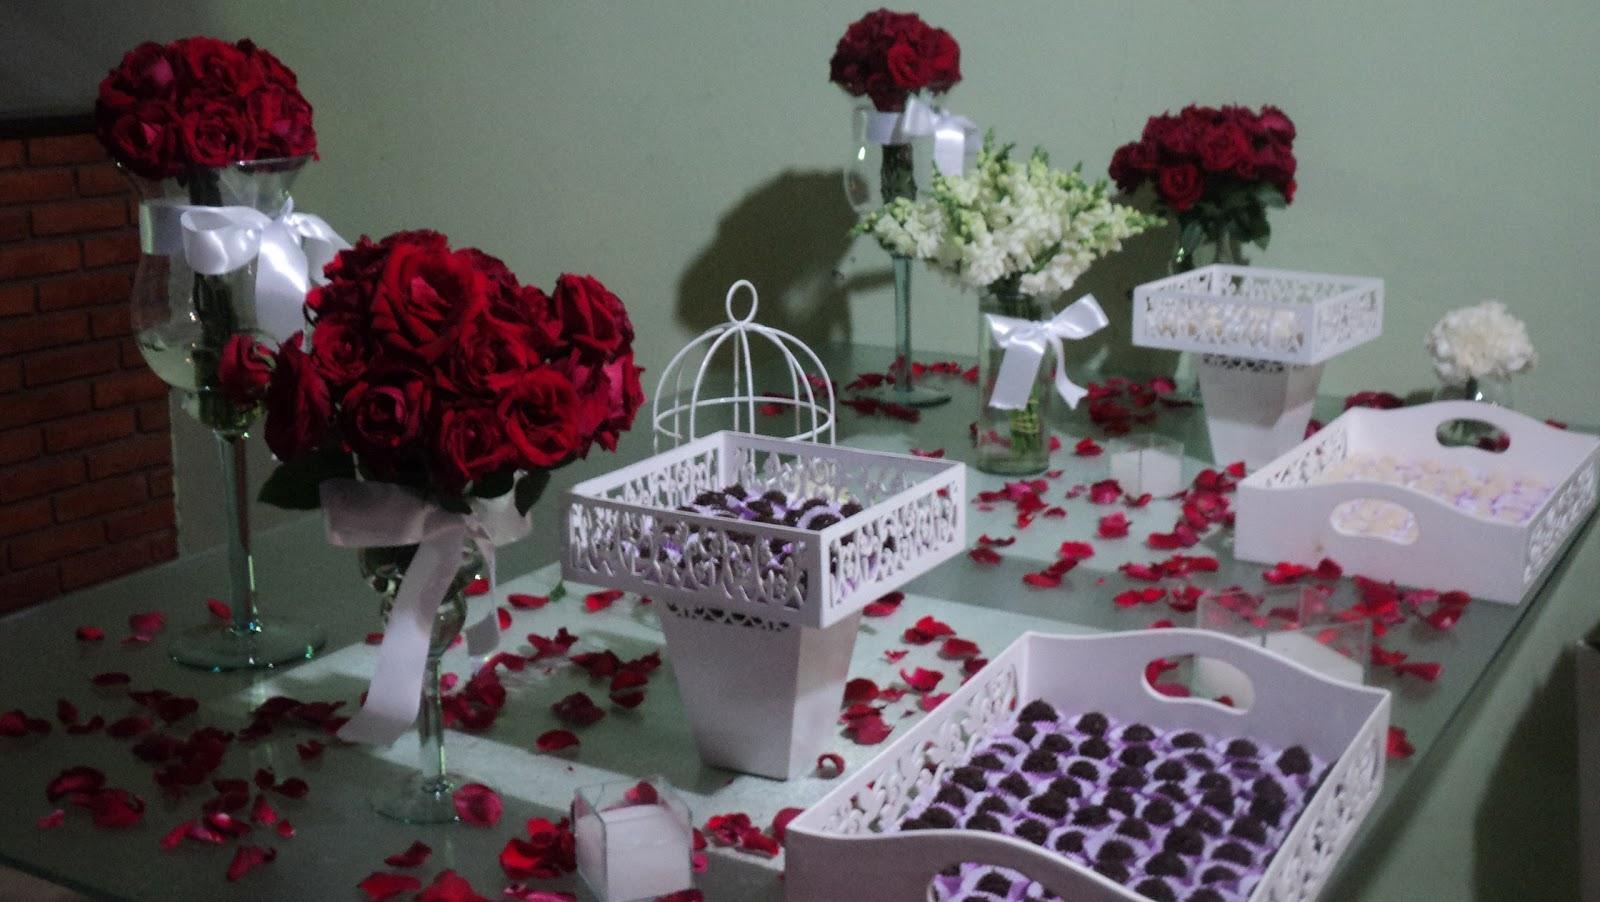 decorar um casamento: um pouco do vermelho e dar harmonia a decoração já um tão linda